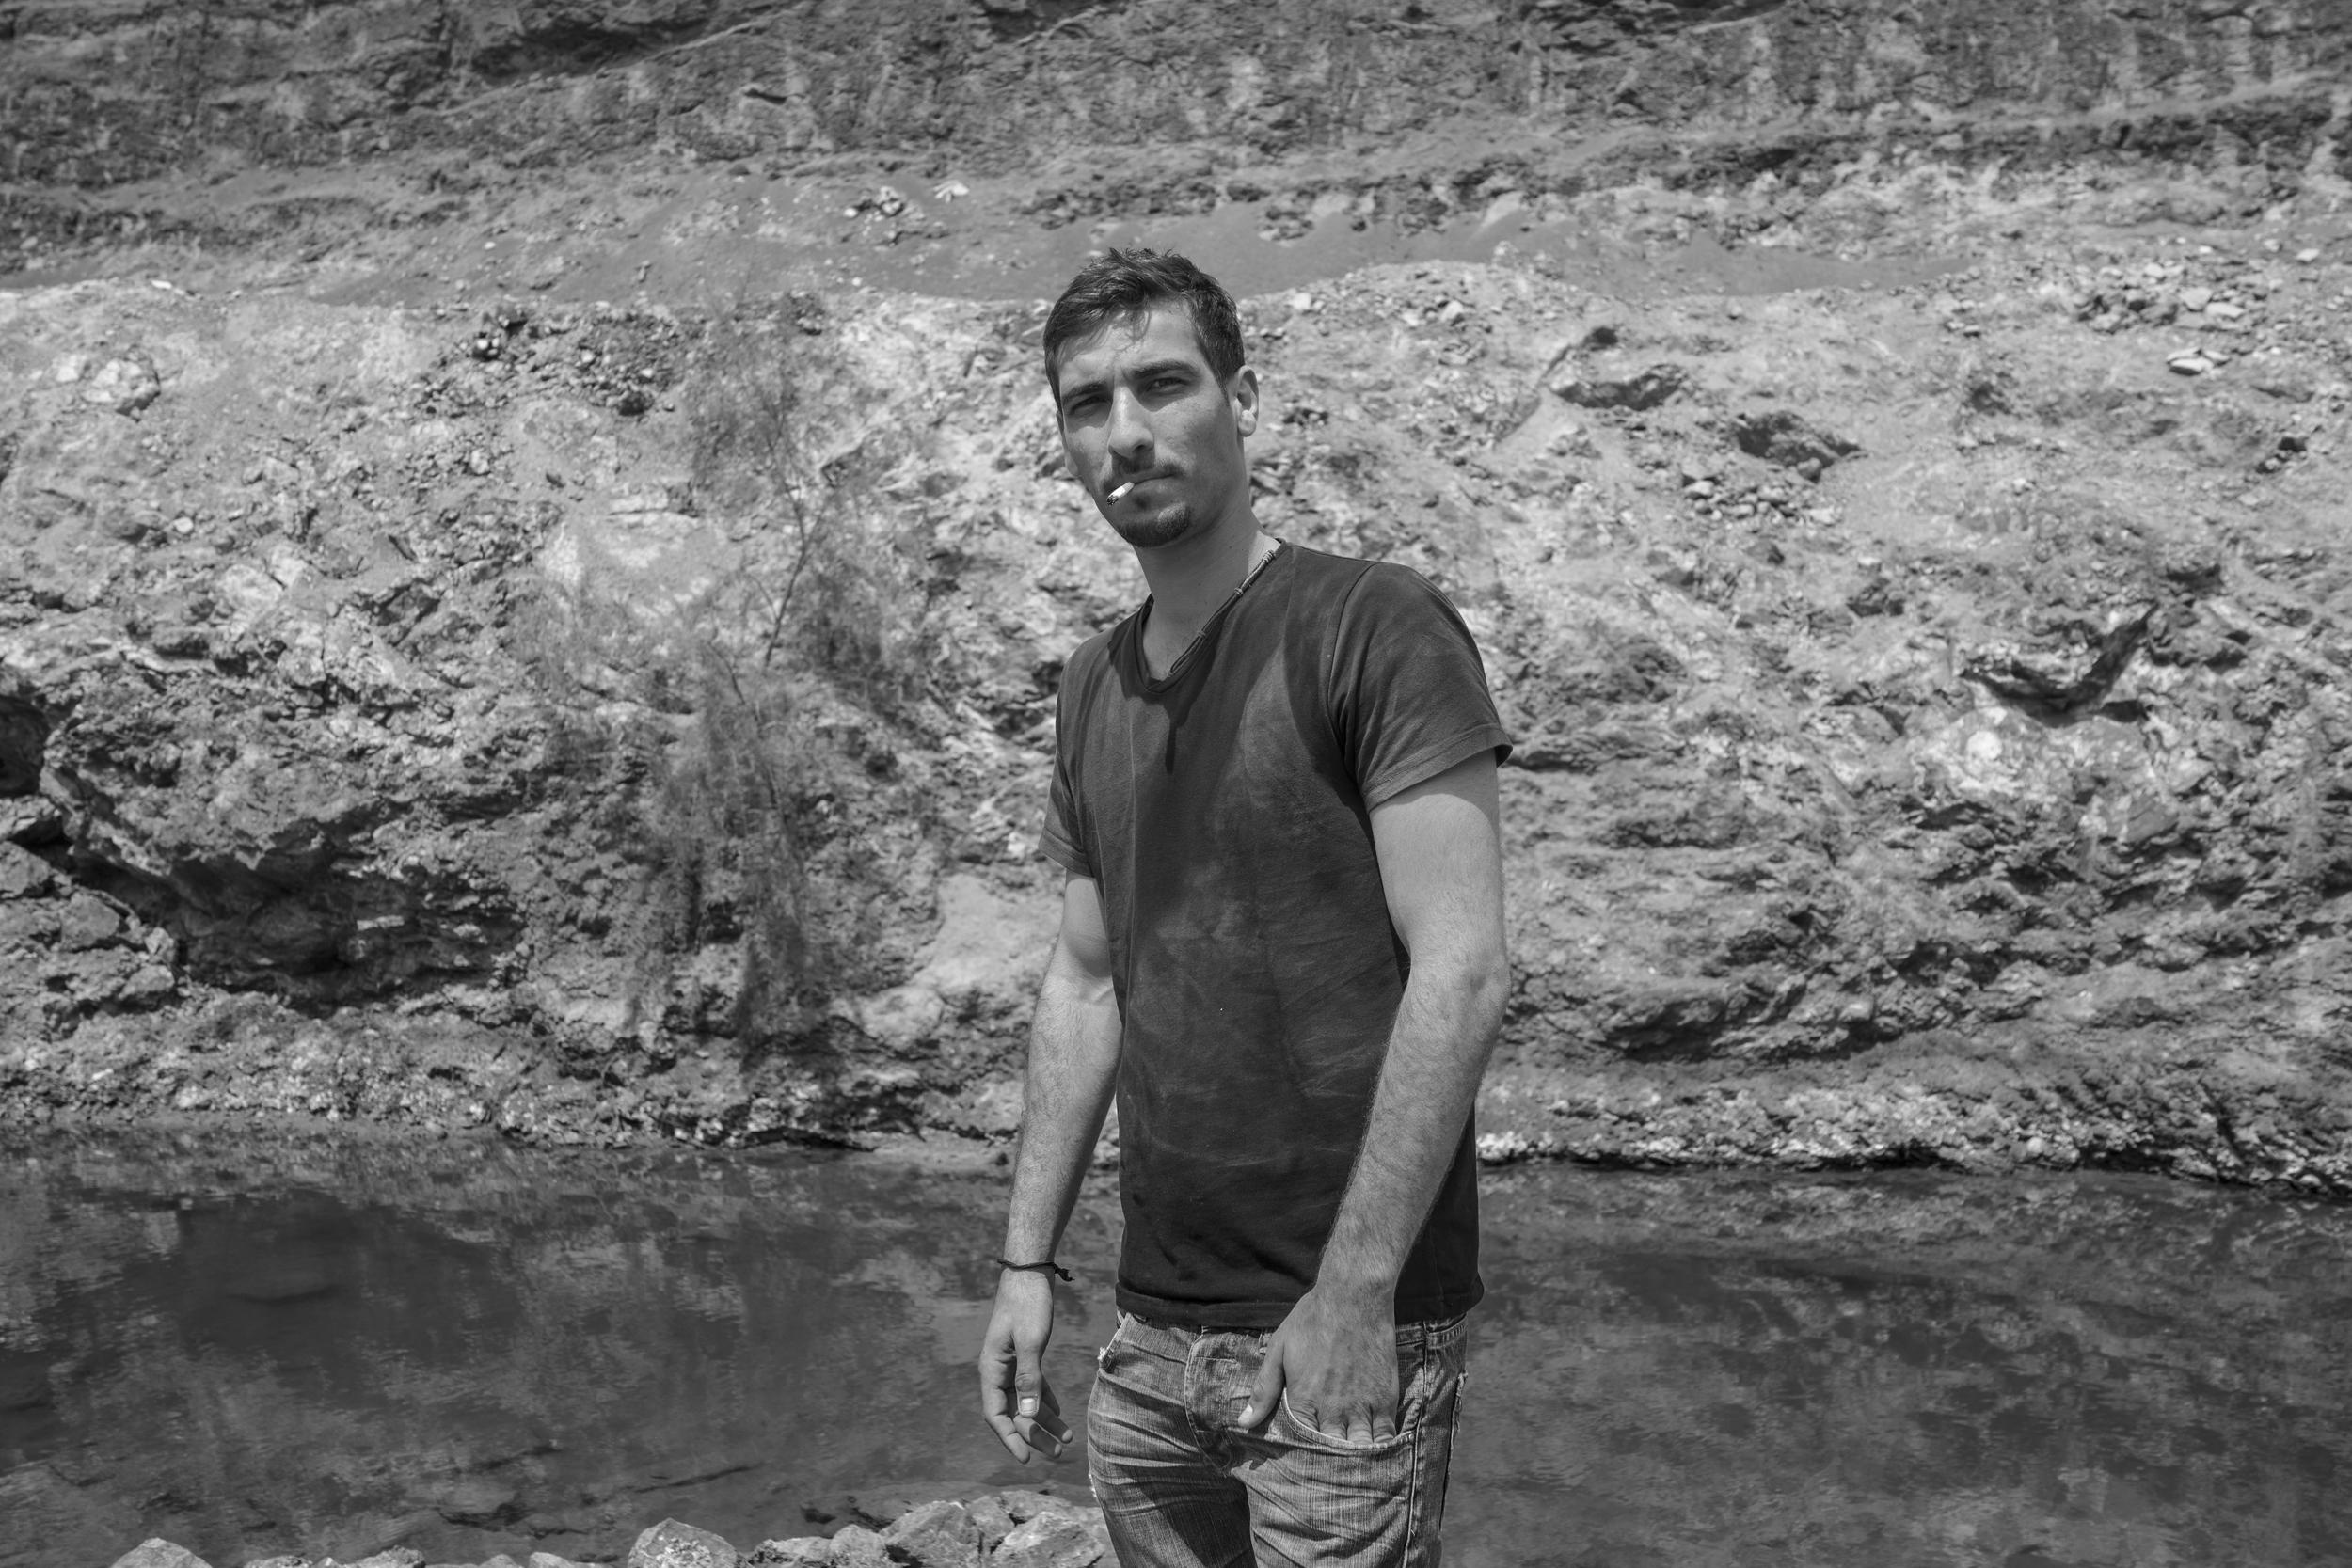 Ramon Crater, Israel. April 2014.